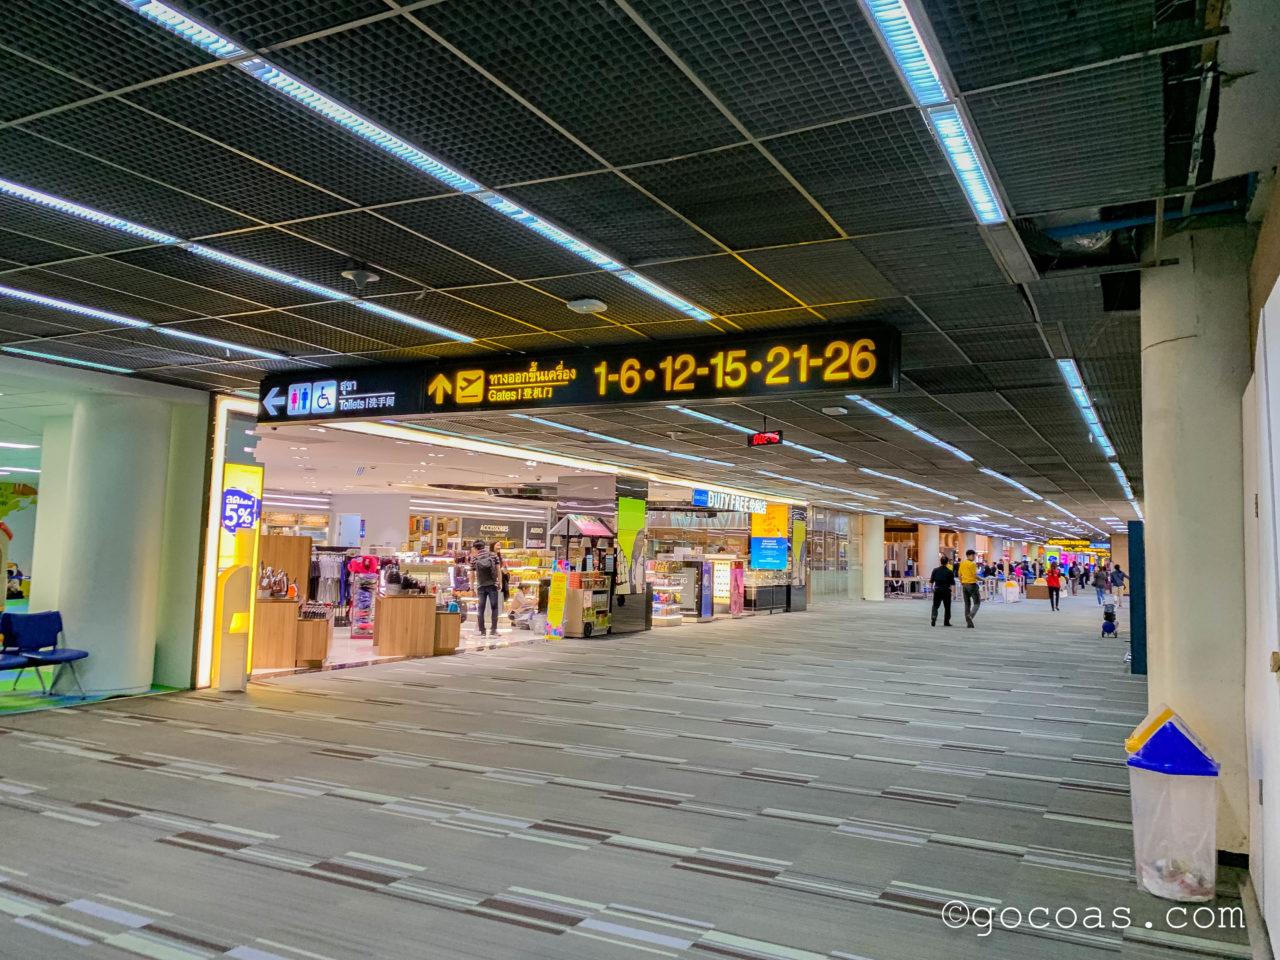 ドンムアン空港の国際線搭乗エリア